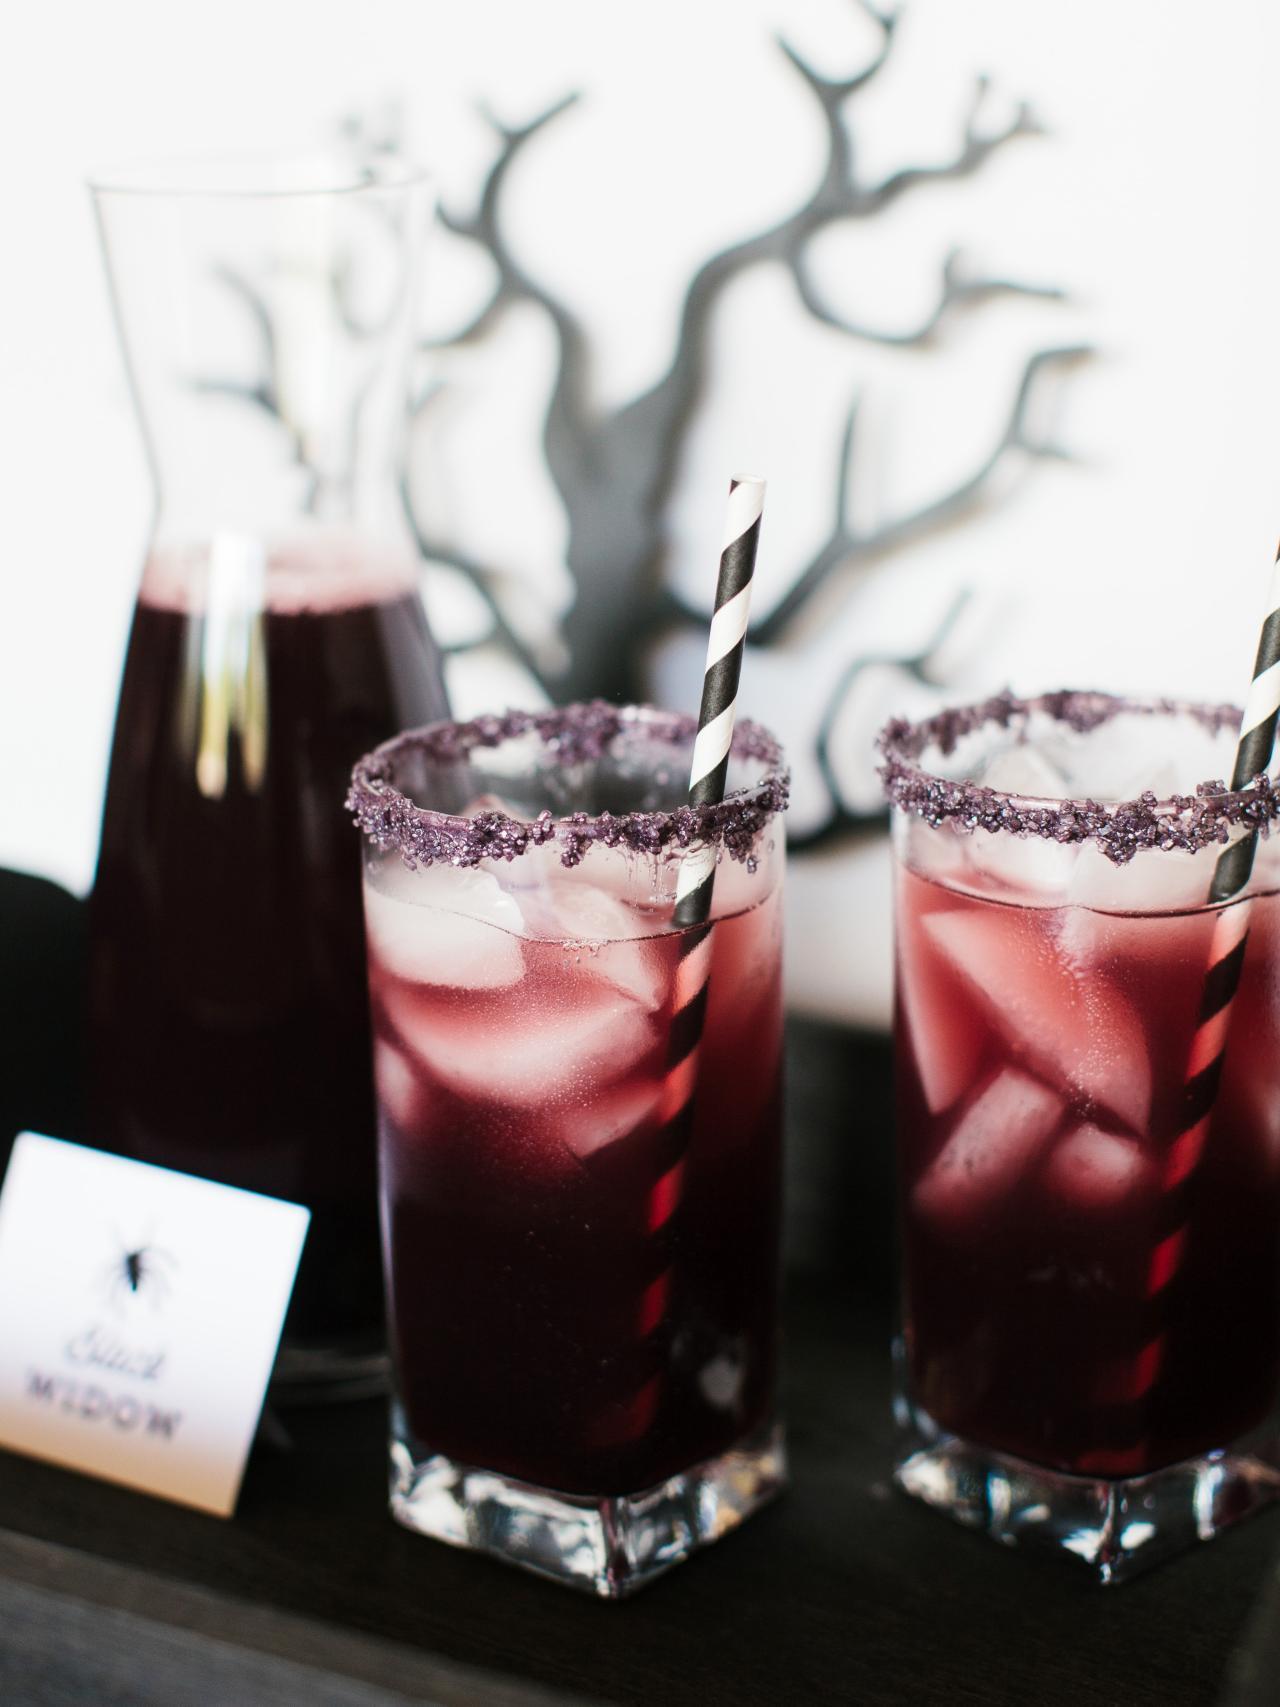 Black Widow Cocktail | DIY Network | 8 Eerie Halloween Cocktails